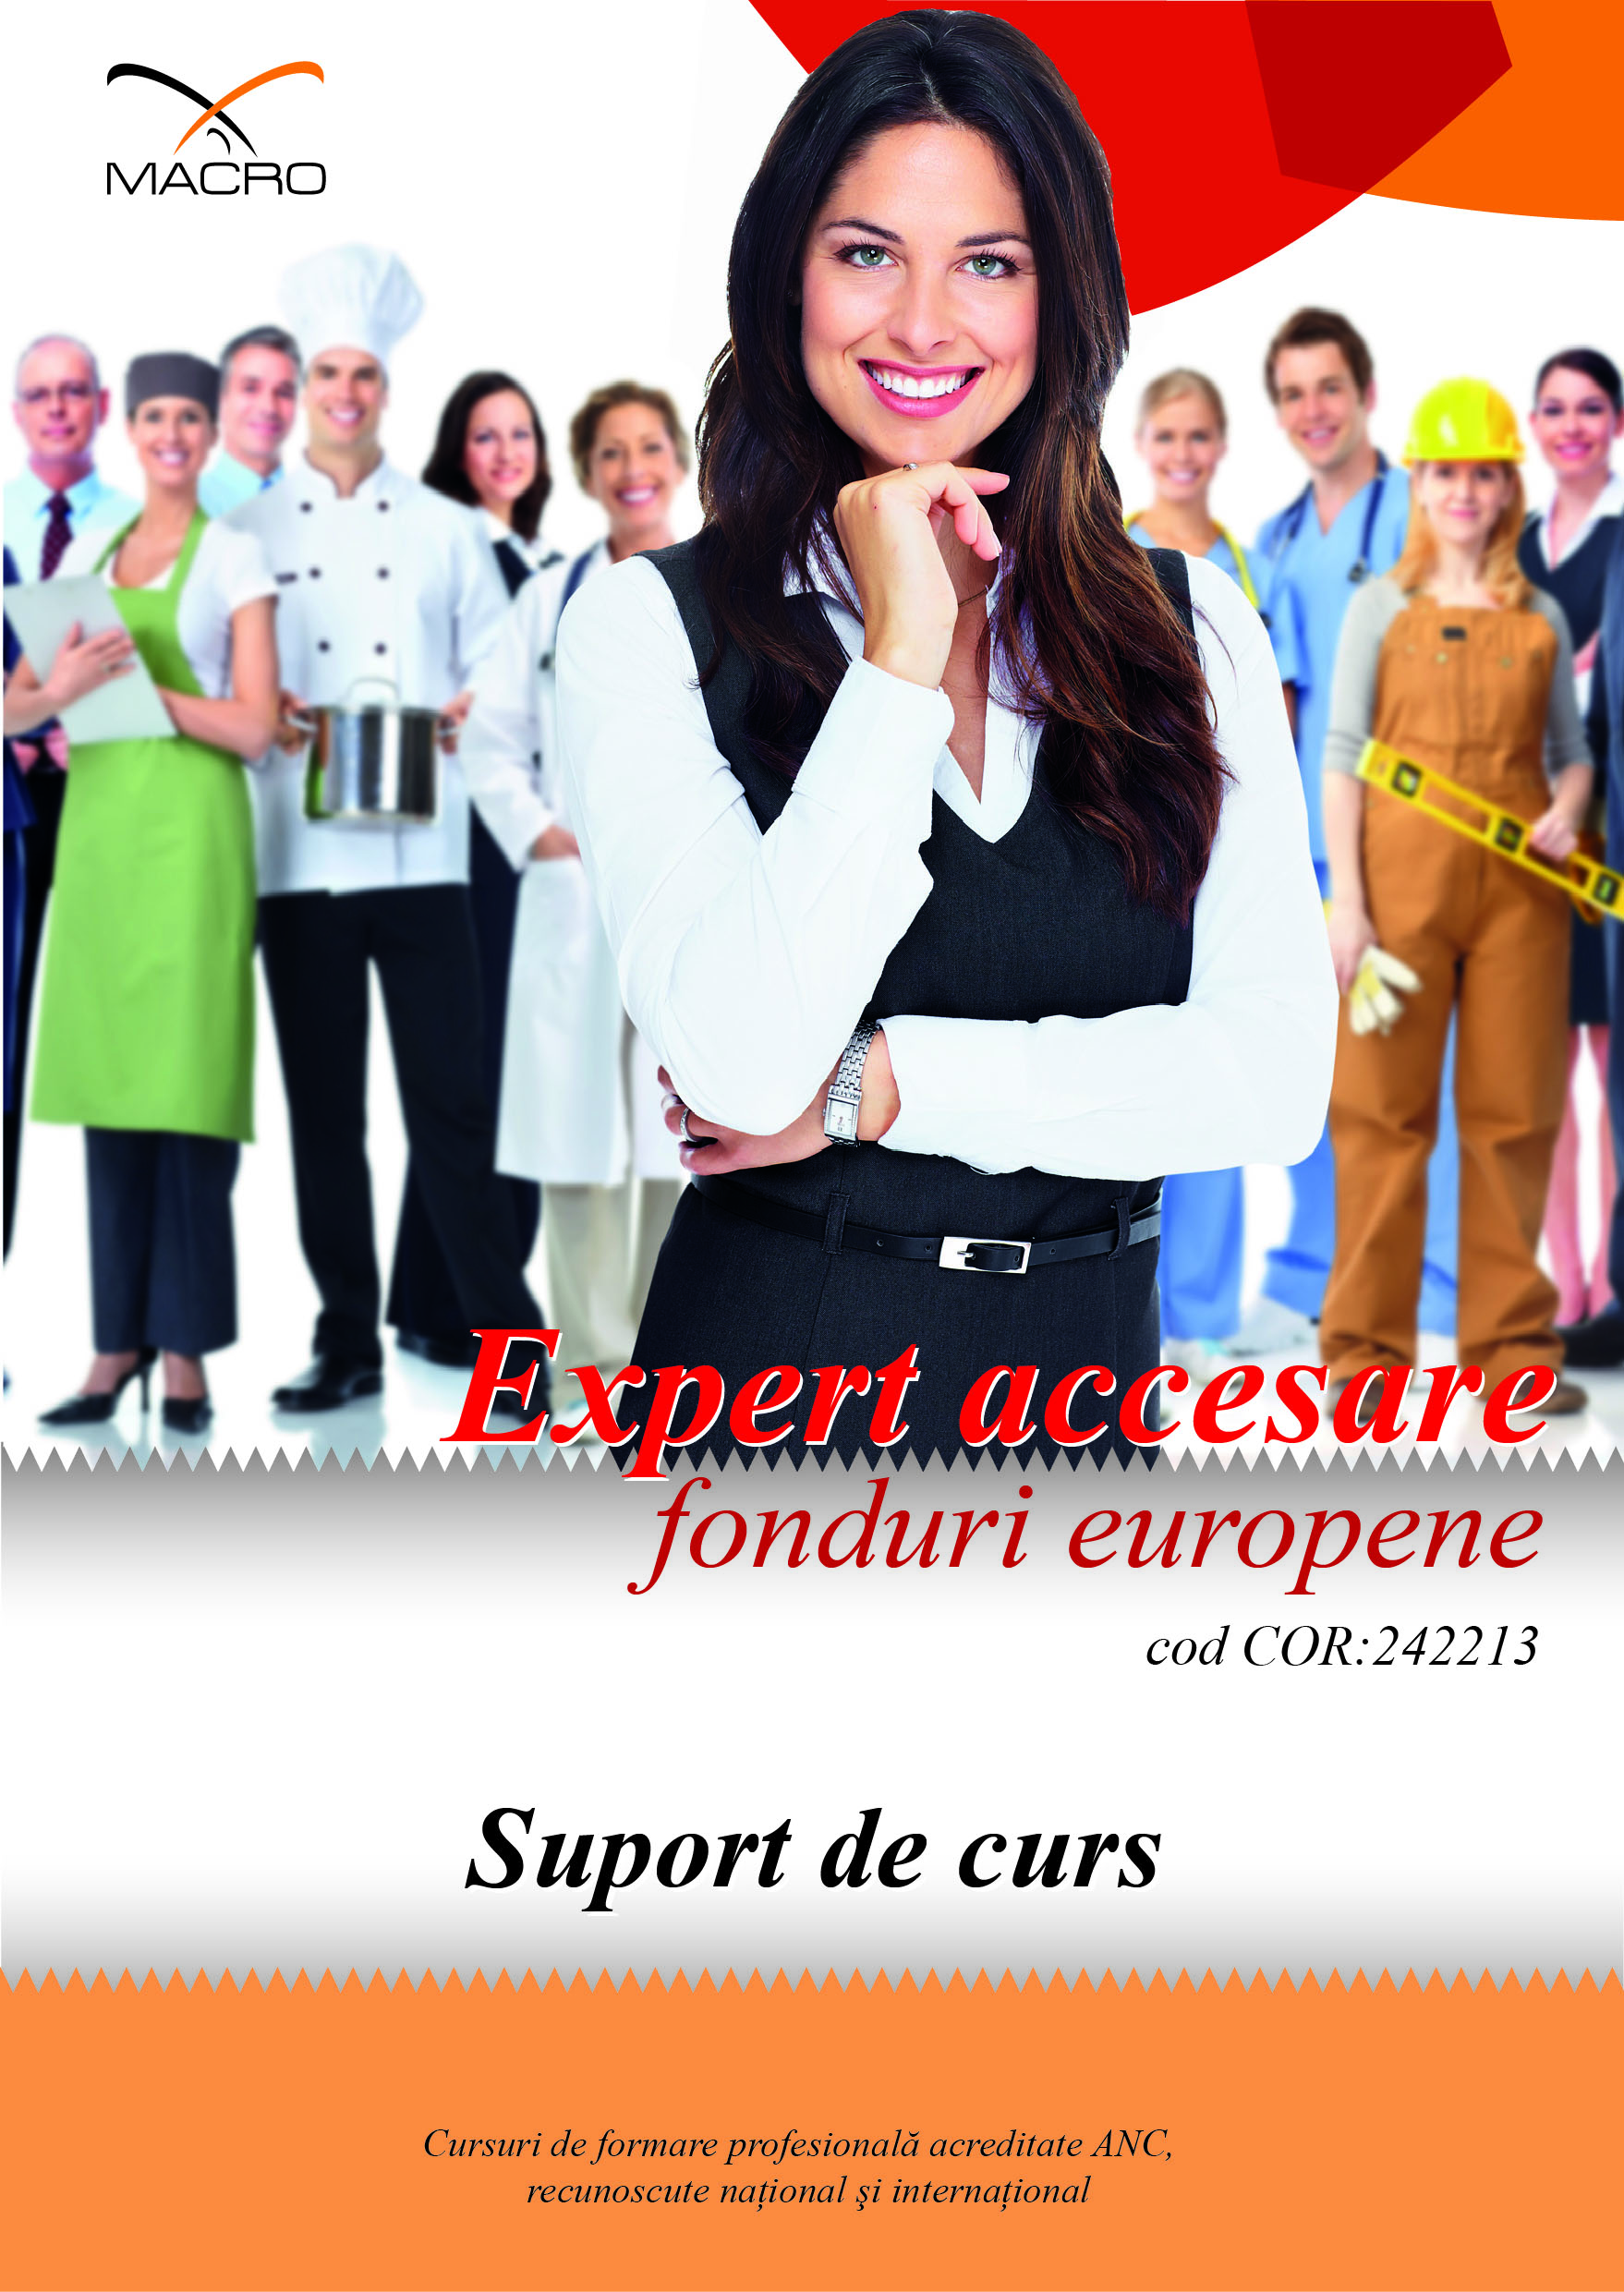 Curs accesare fonduri europene